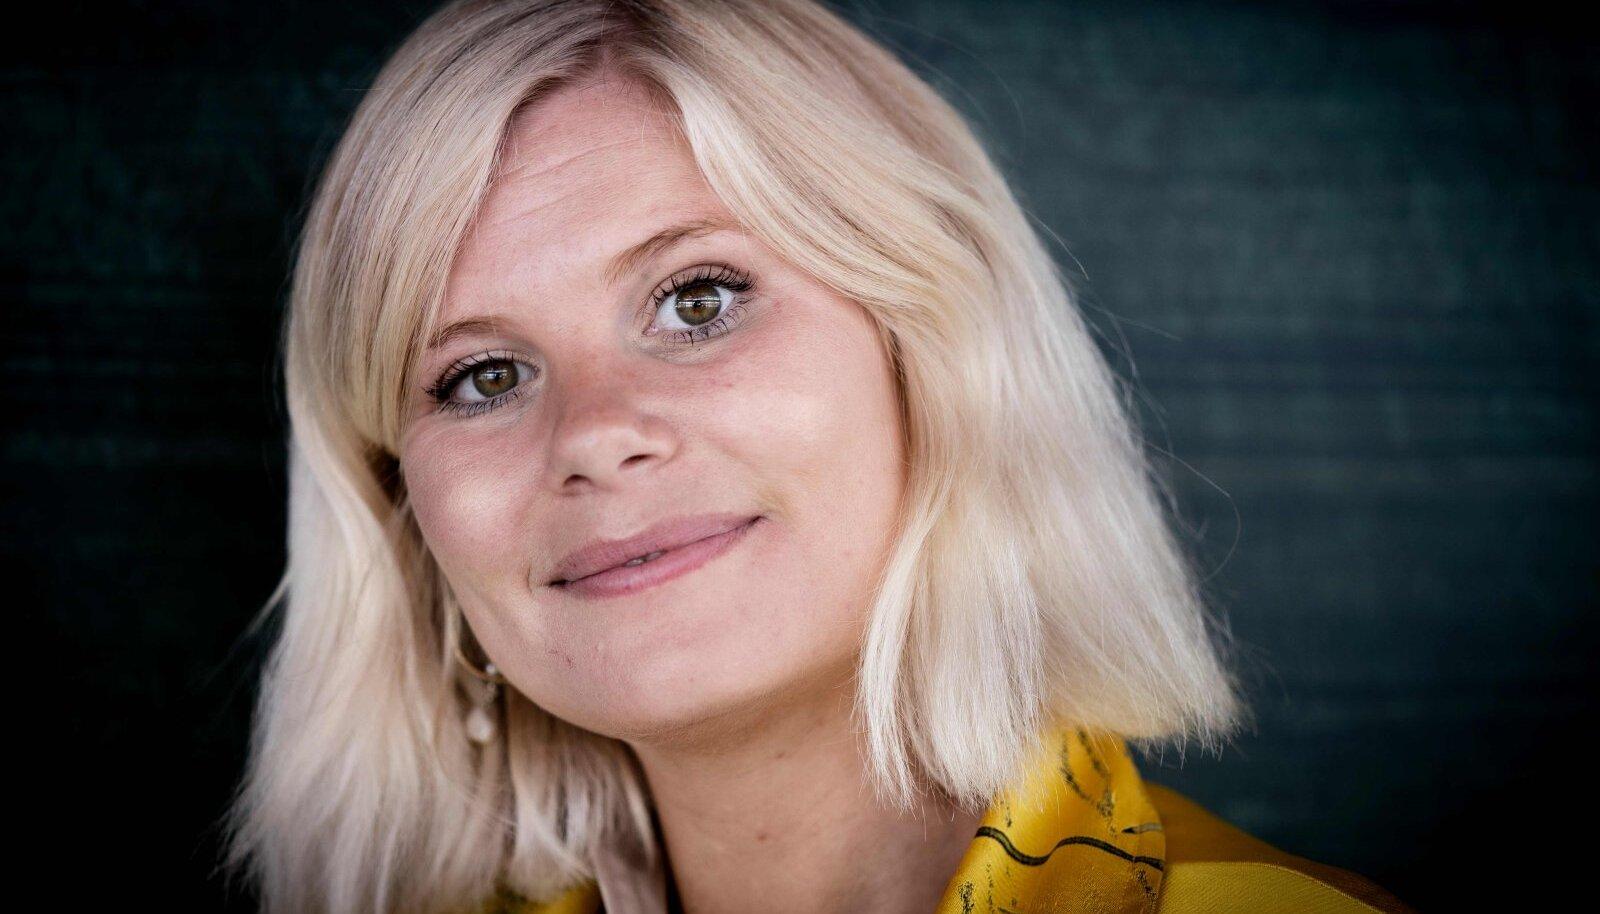 Taani teletäht Sofie Linde lükkas augustis #MeToo lugudele avalikustamisele korraliku hoo sisse.